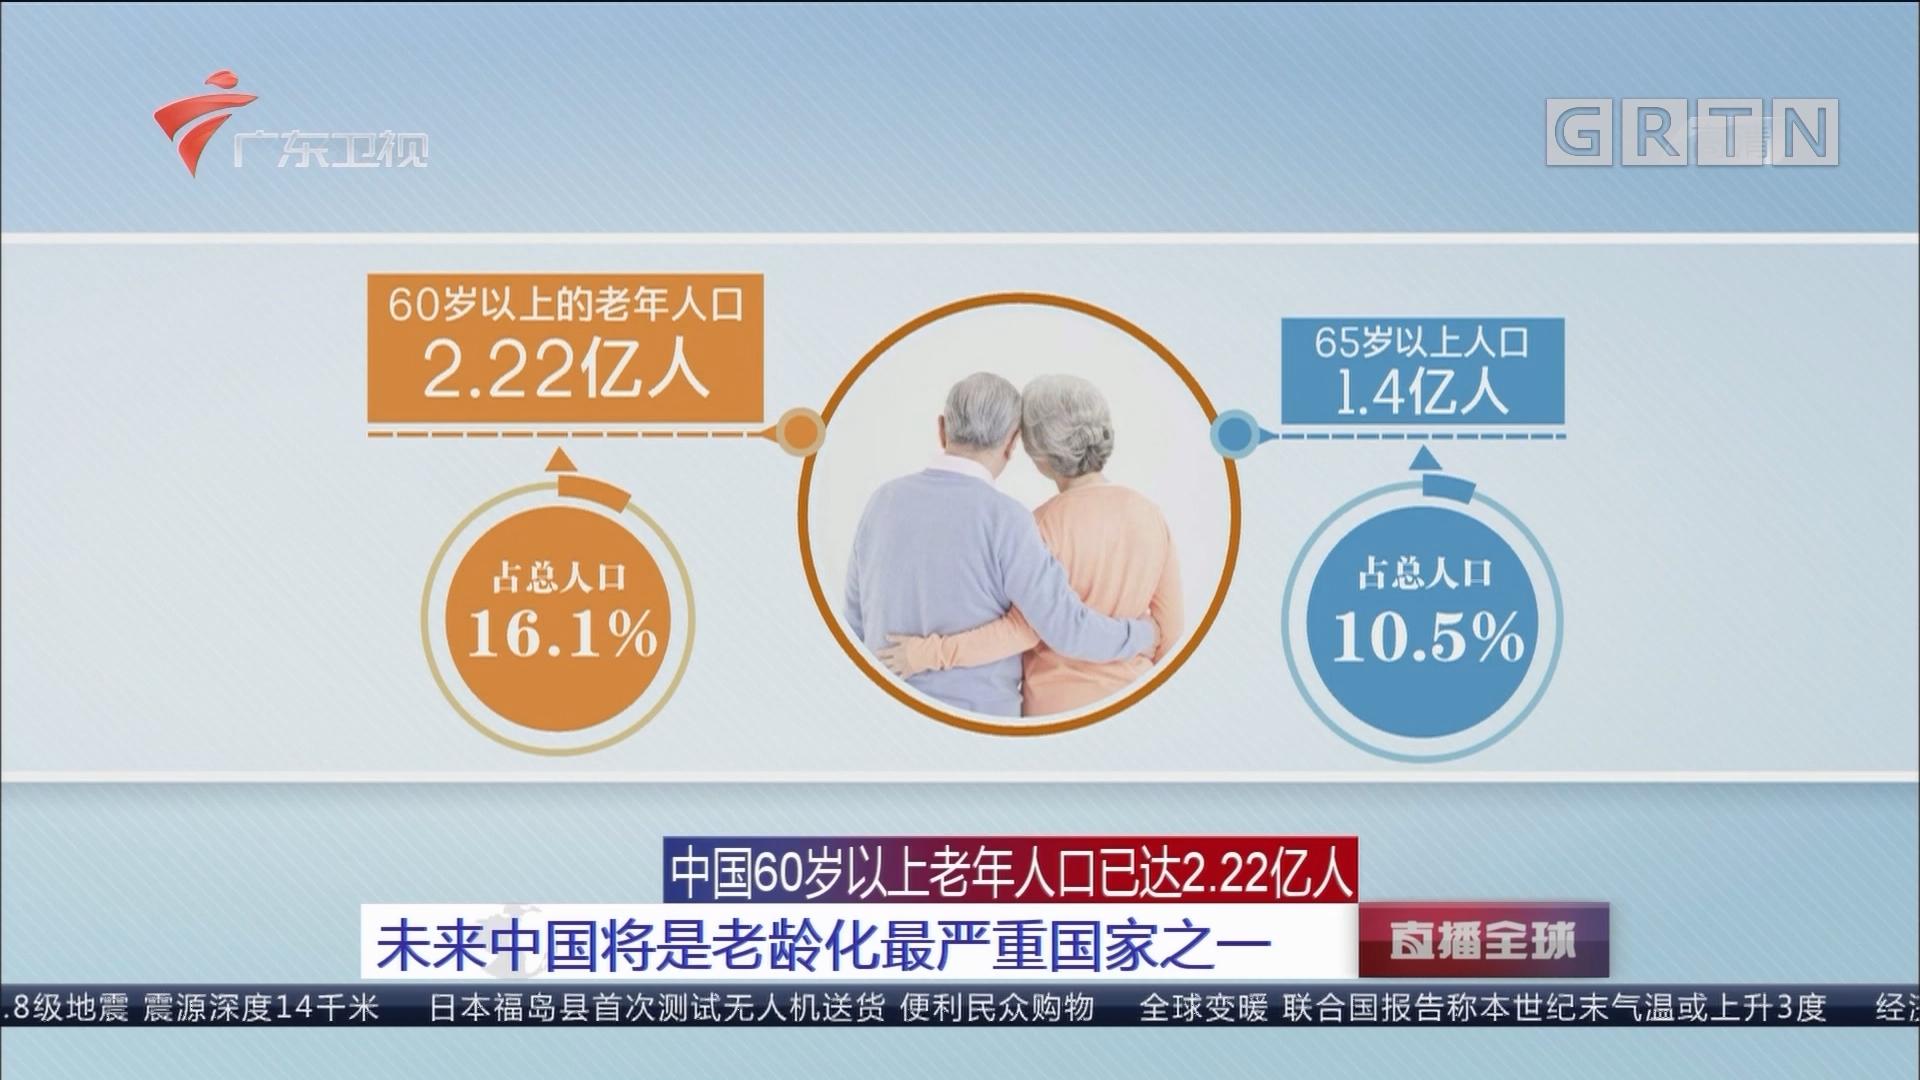 中国60岁以上老年人口已达2.22亿人 未来中国将是老龄化最严重国家之一